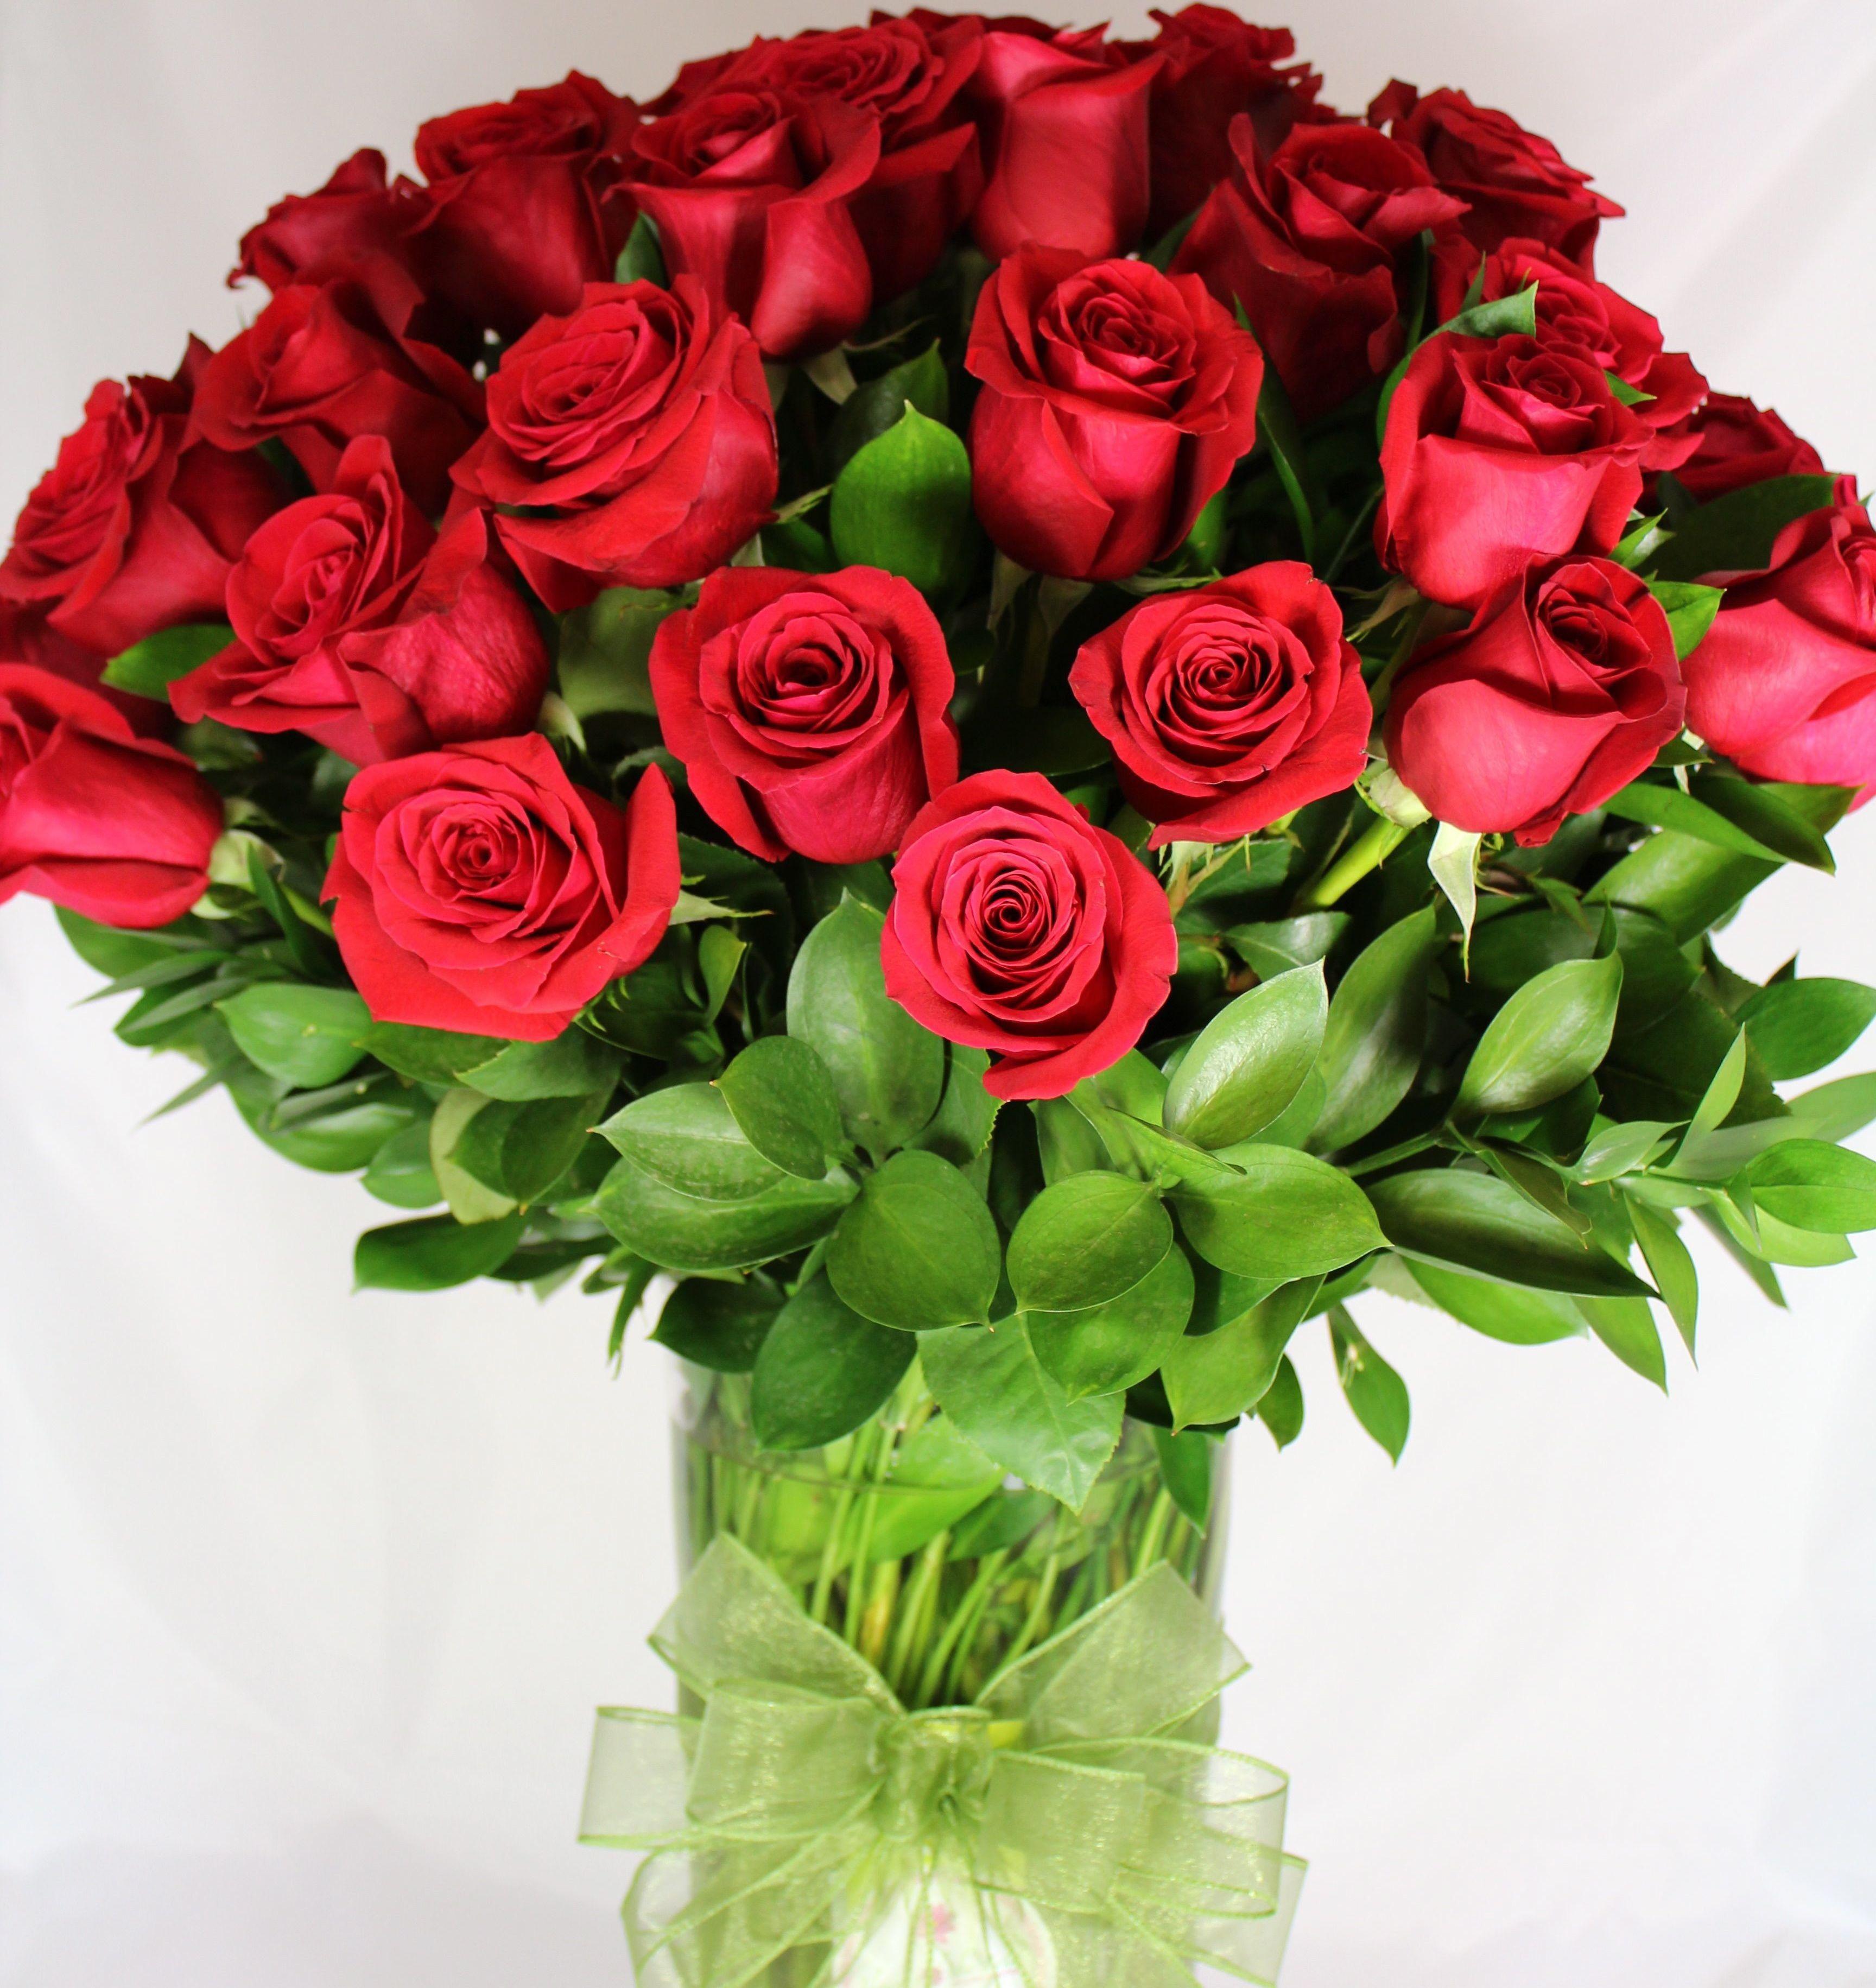 fleur rose rouge roses rouges